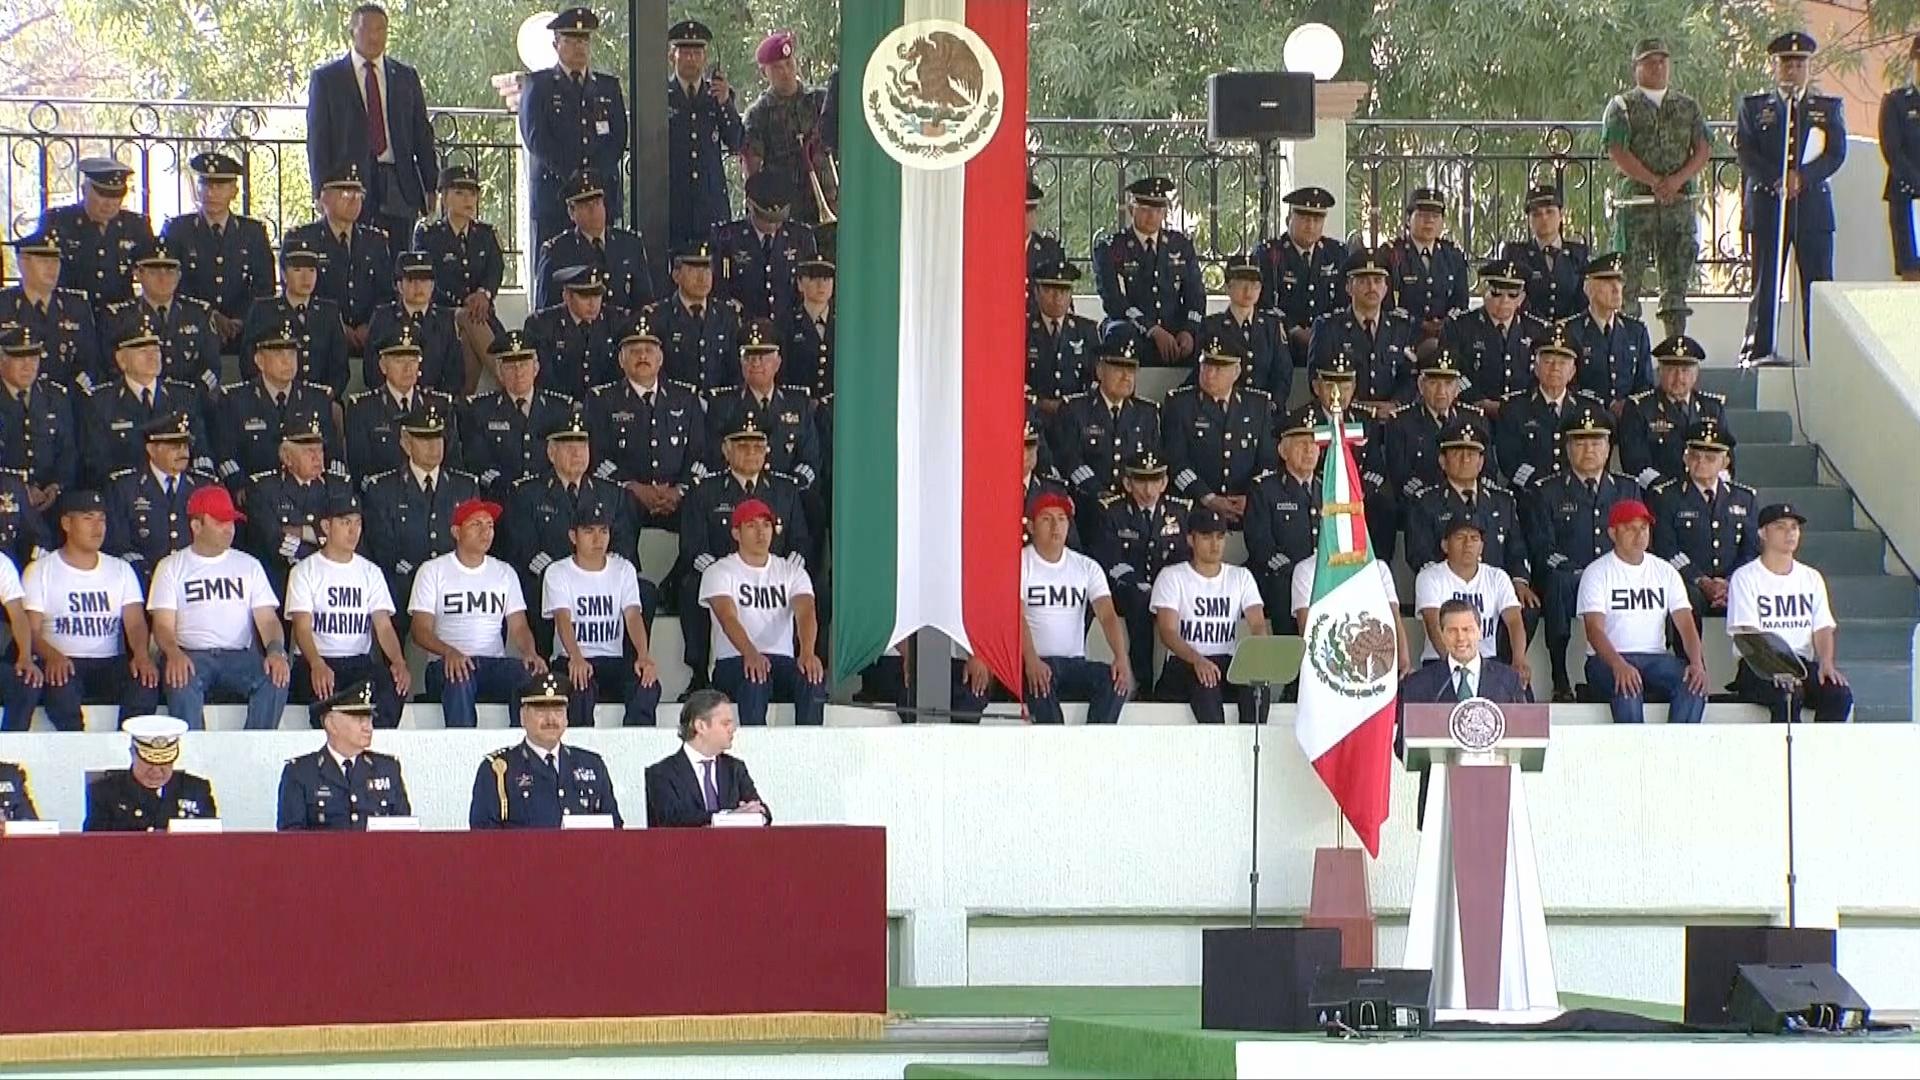 Reconoce el presidente Peña Nieto a las Fuerzas Armadas durante conmemoración del 153 aniversario de la Batalla de Puebla